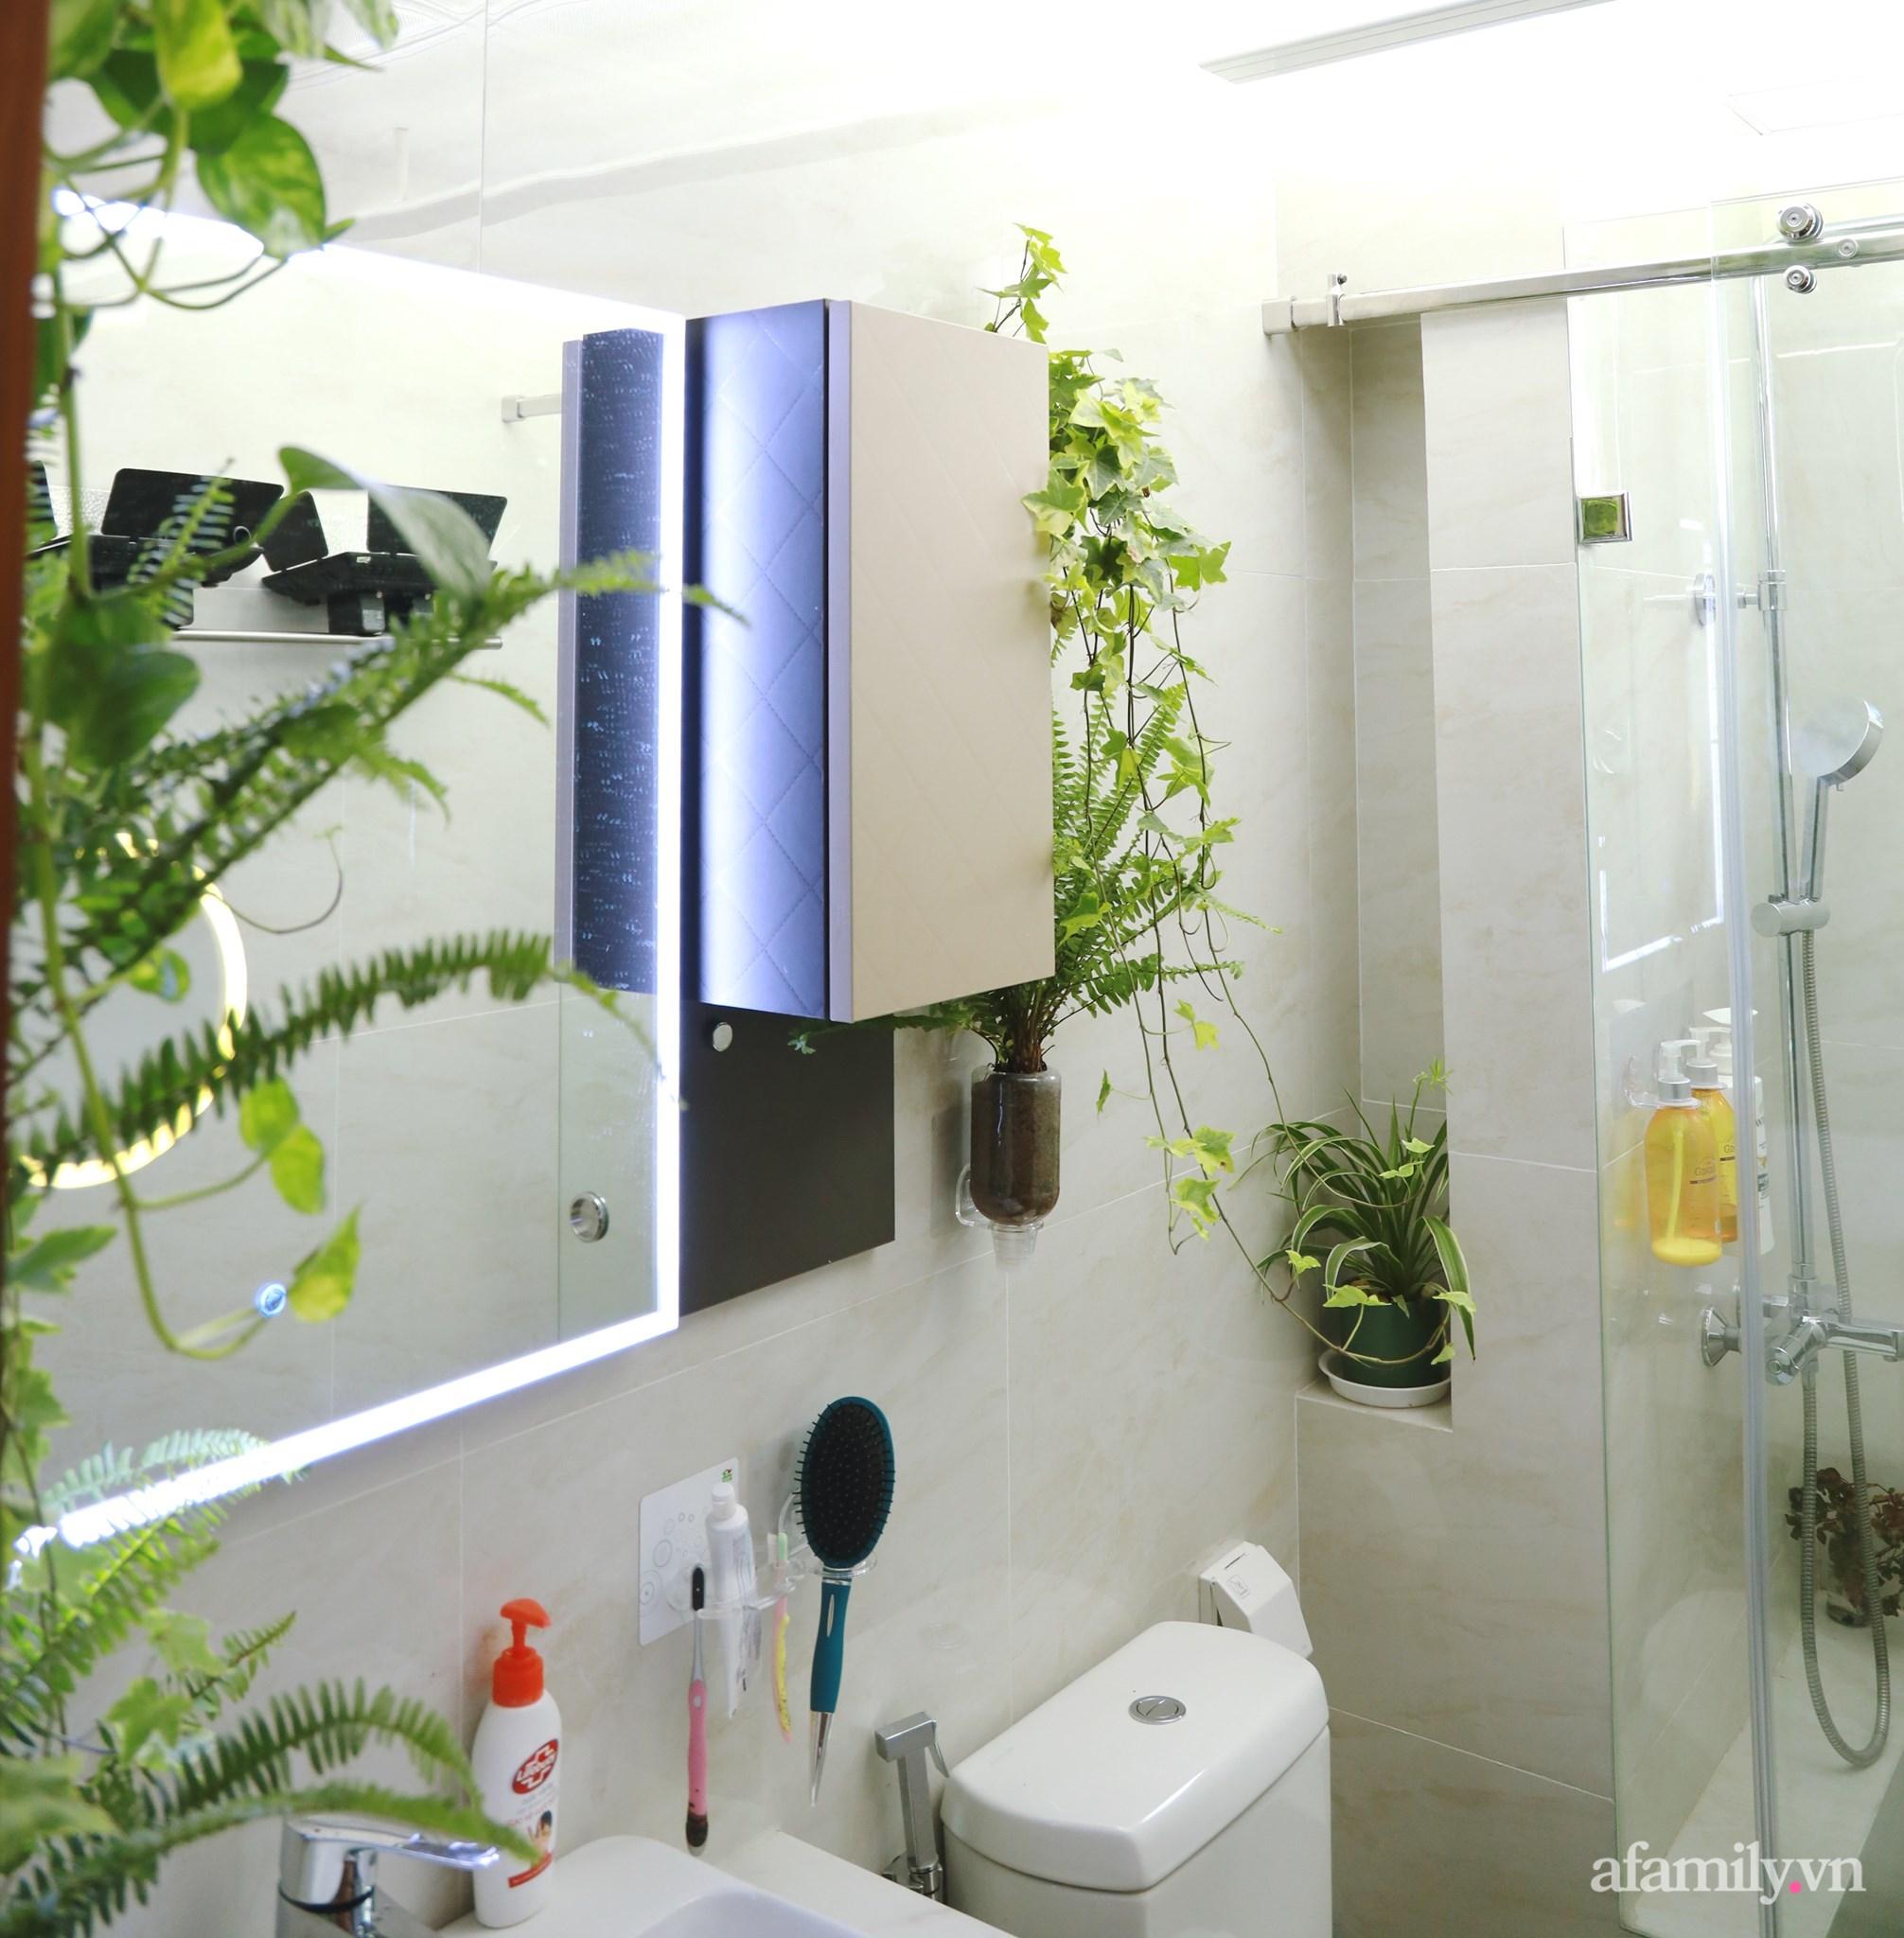 """Biến hình phòng tắm đúng chuẩn hội """"nghiện nhà yêu cây"""" từ những đồ nội thất nhà nào cũng có của cô gái Hà Nội  - Ảnh 5."""